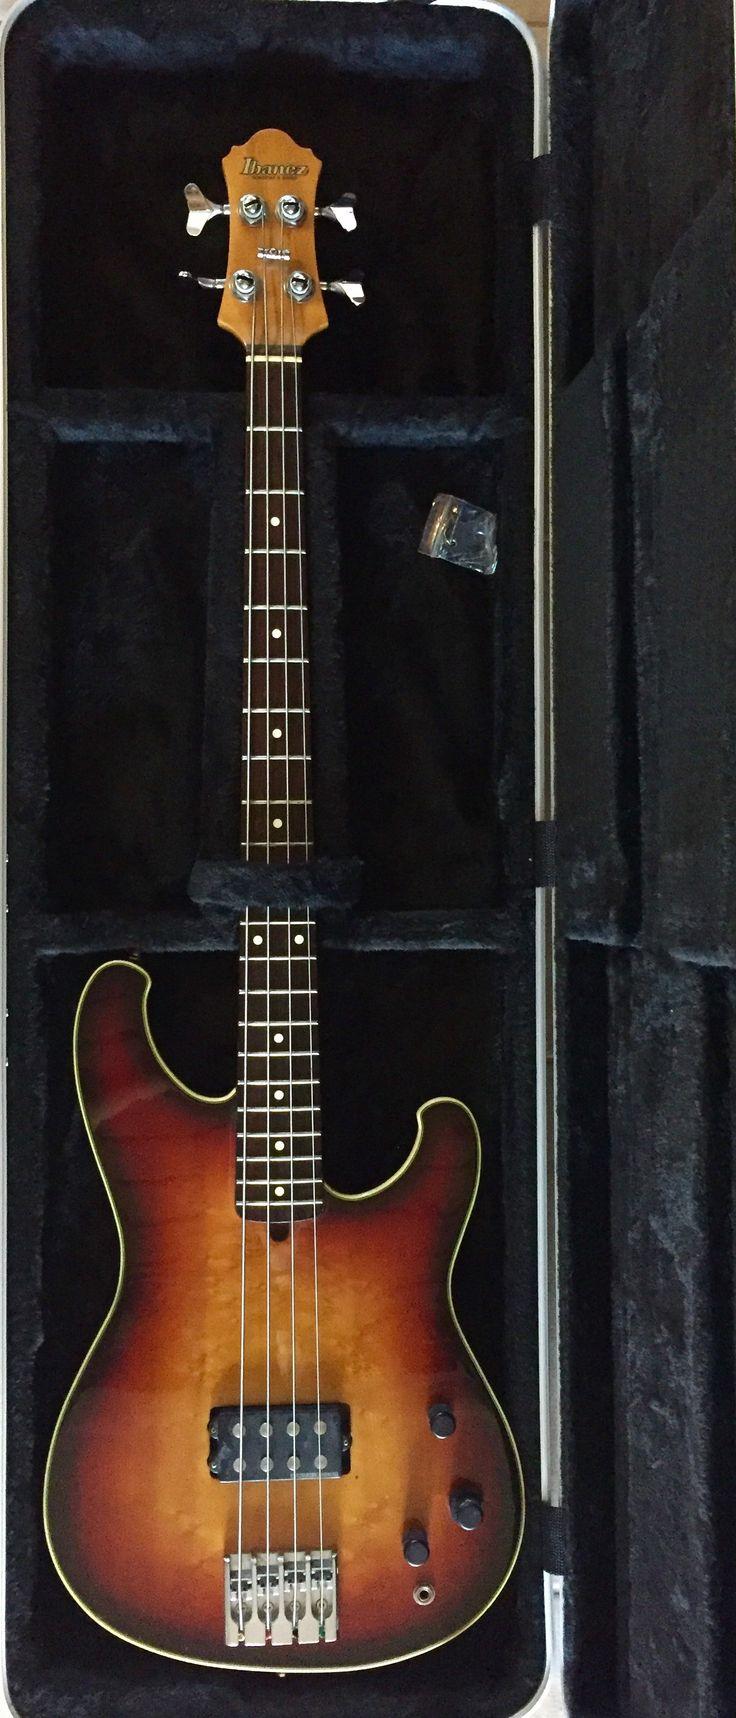 Best ibanez guitars images on pinterest custom